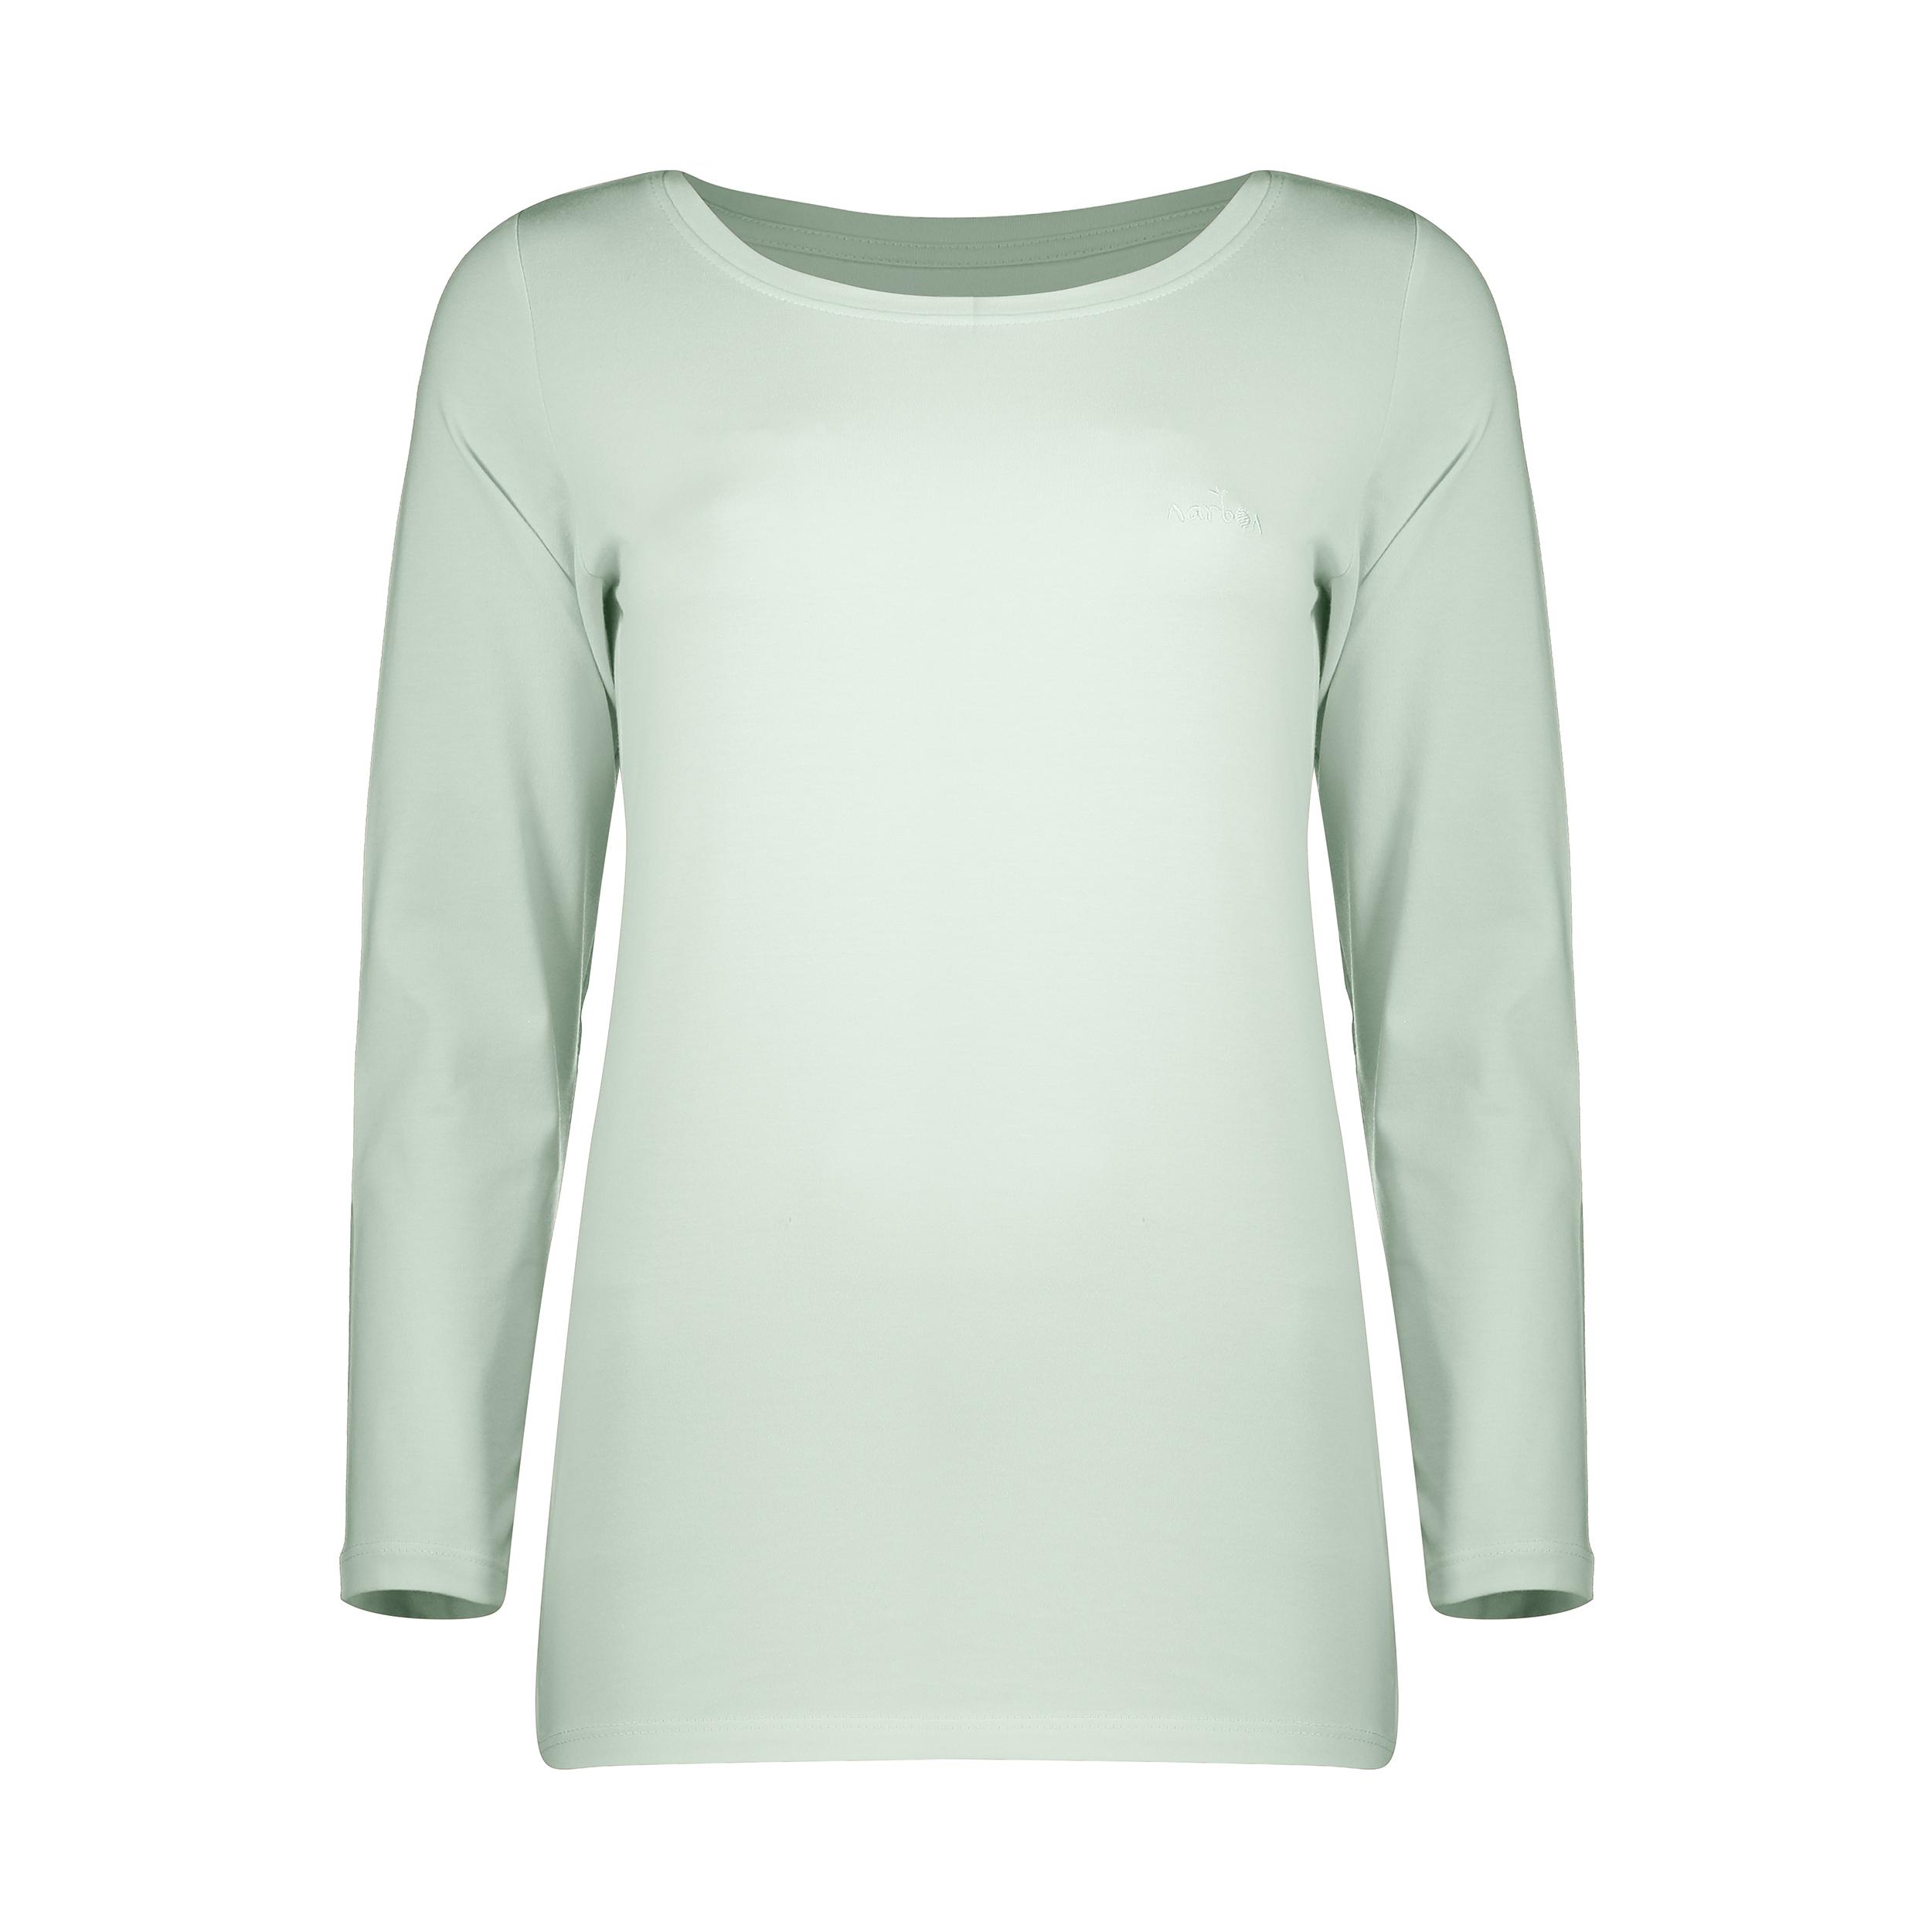 تی شرت زنانه ناربن مدل 1521300-41